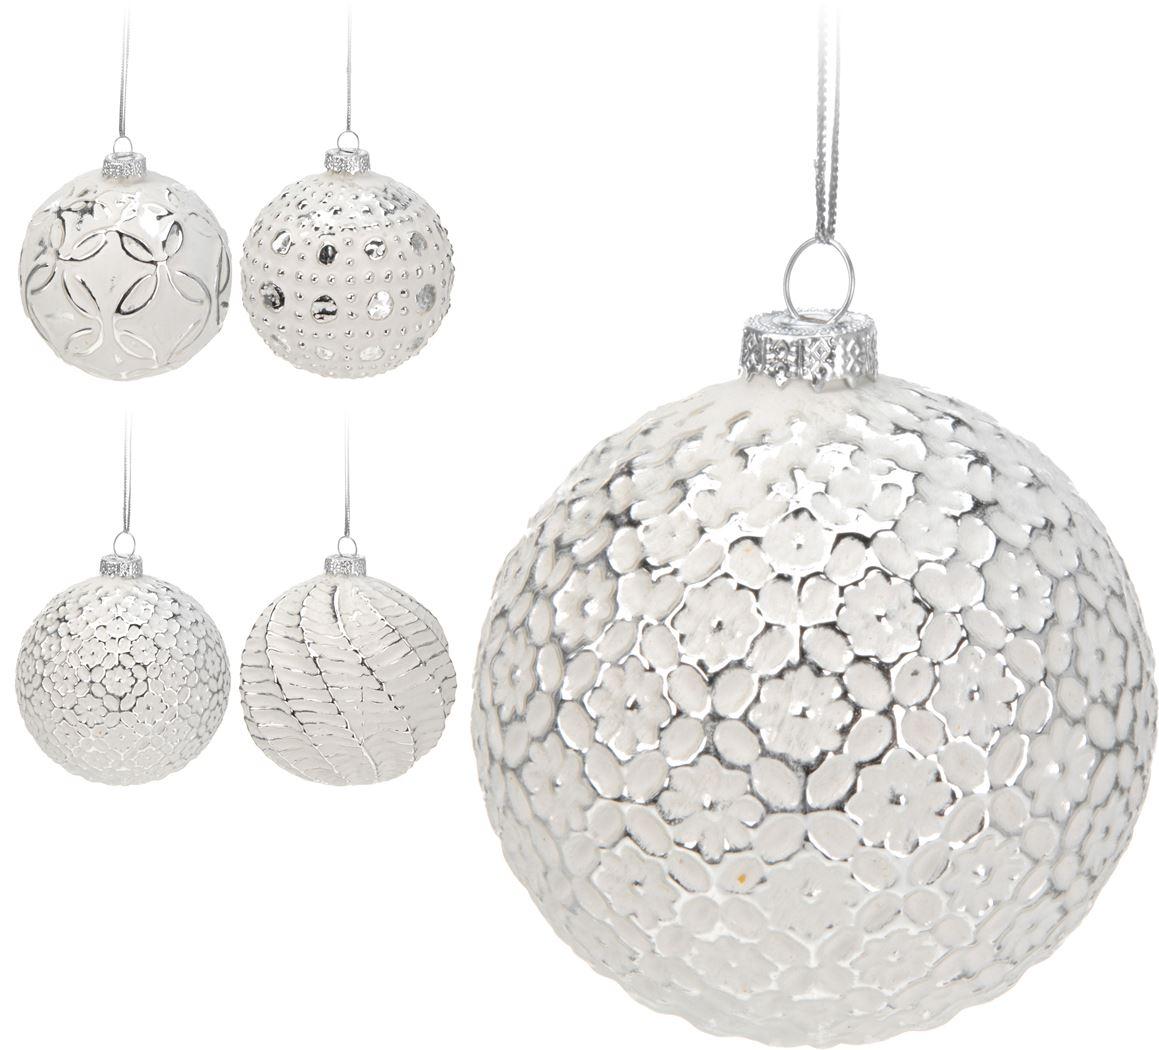 kerstbal-glas-wit-zilver